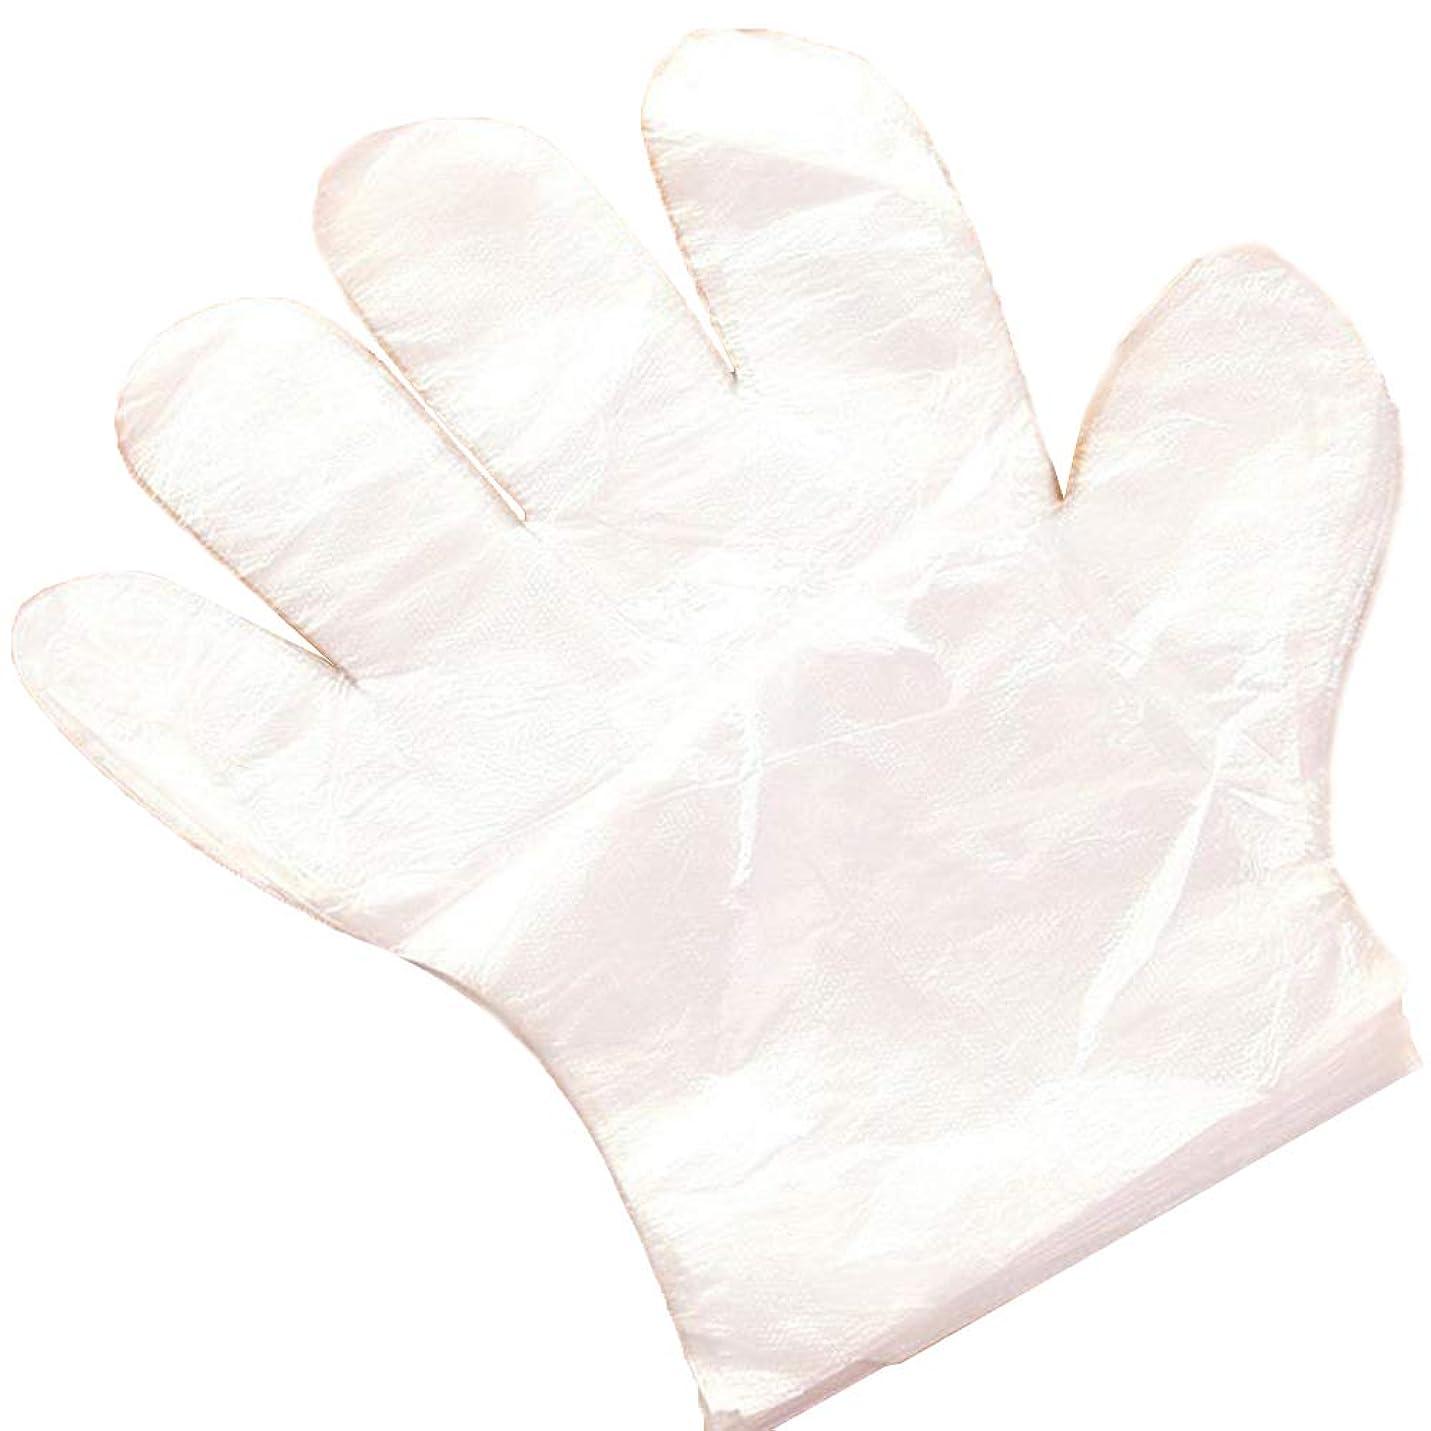 かもしれない腹従来のMen club 使い捨て手袋 ビニール手袋 極薄 衛生 安全